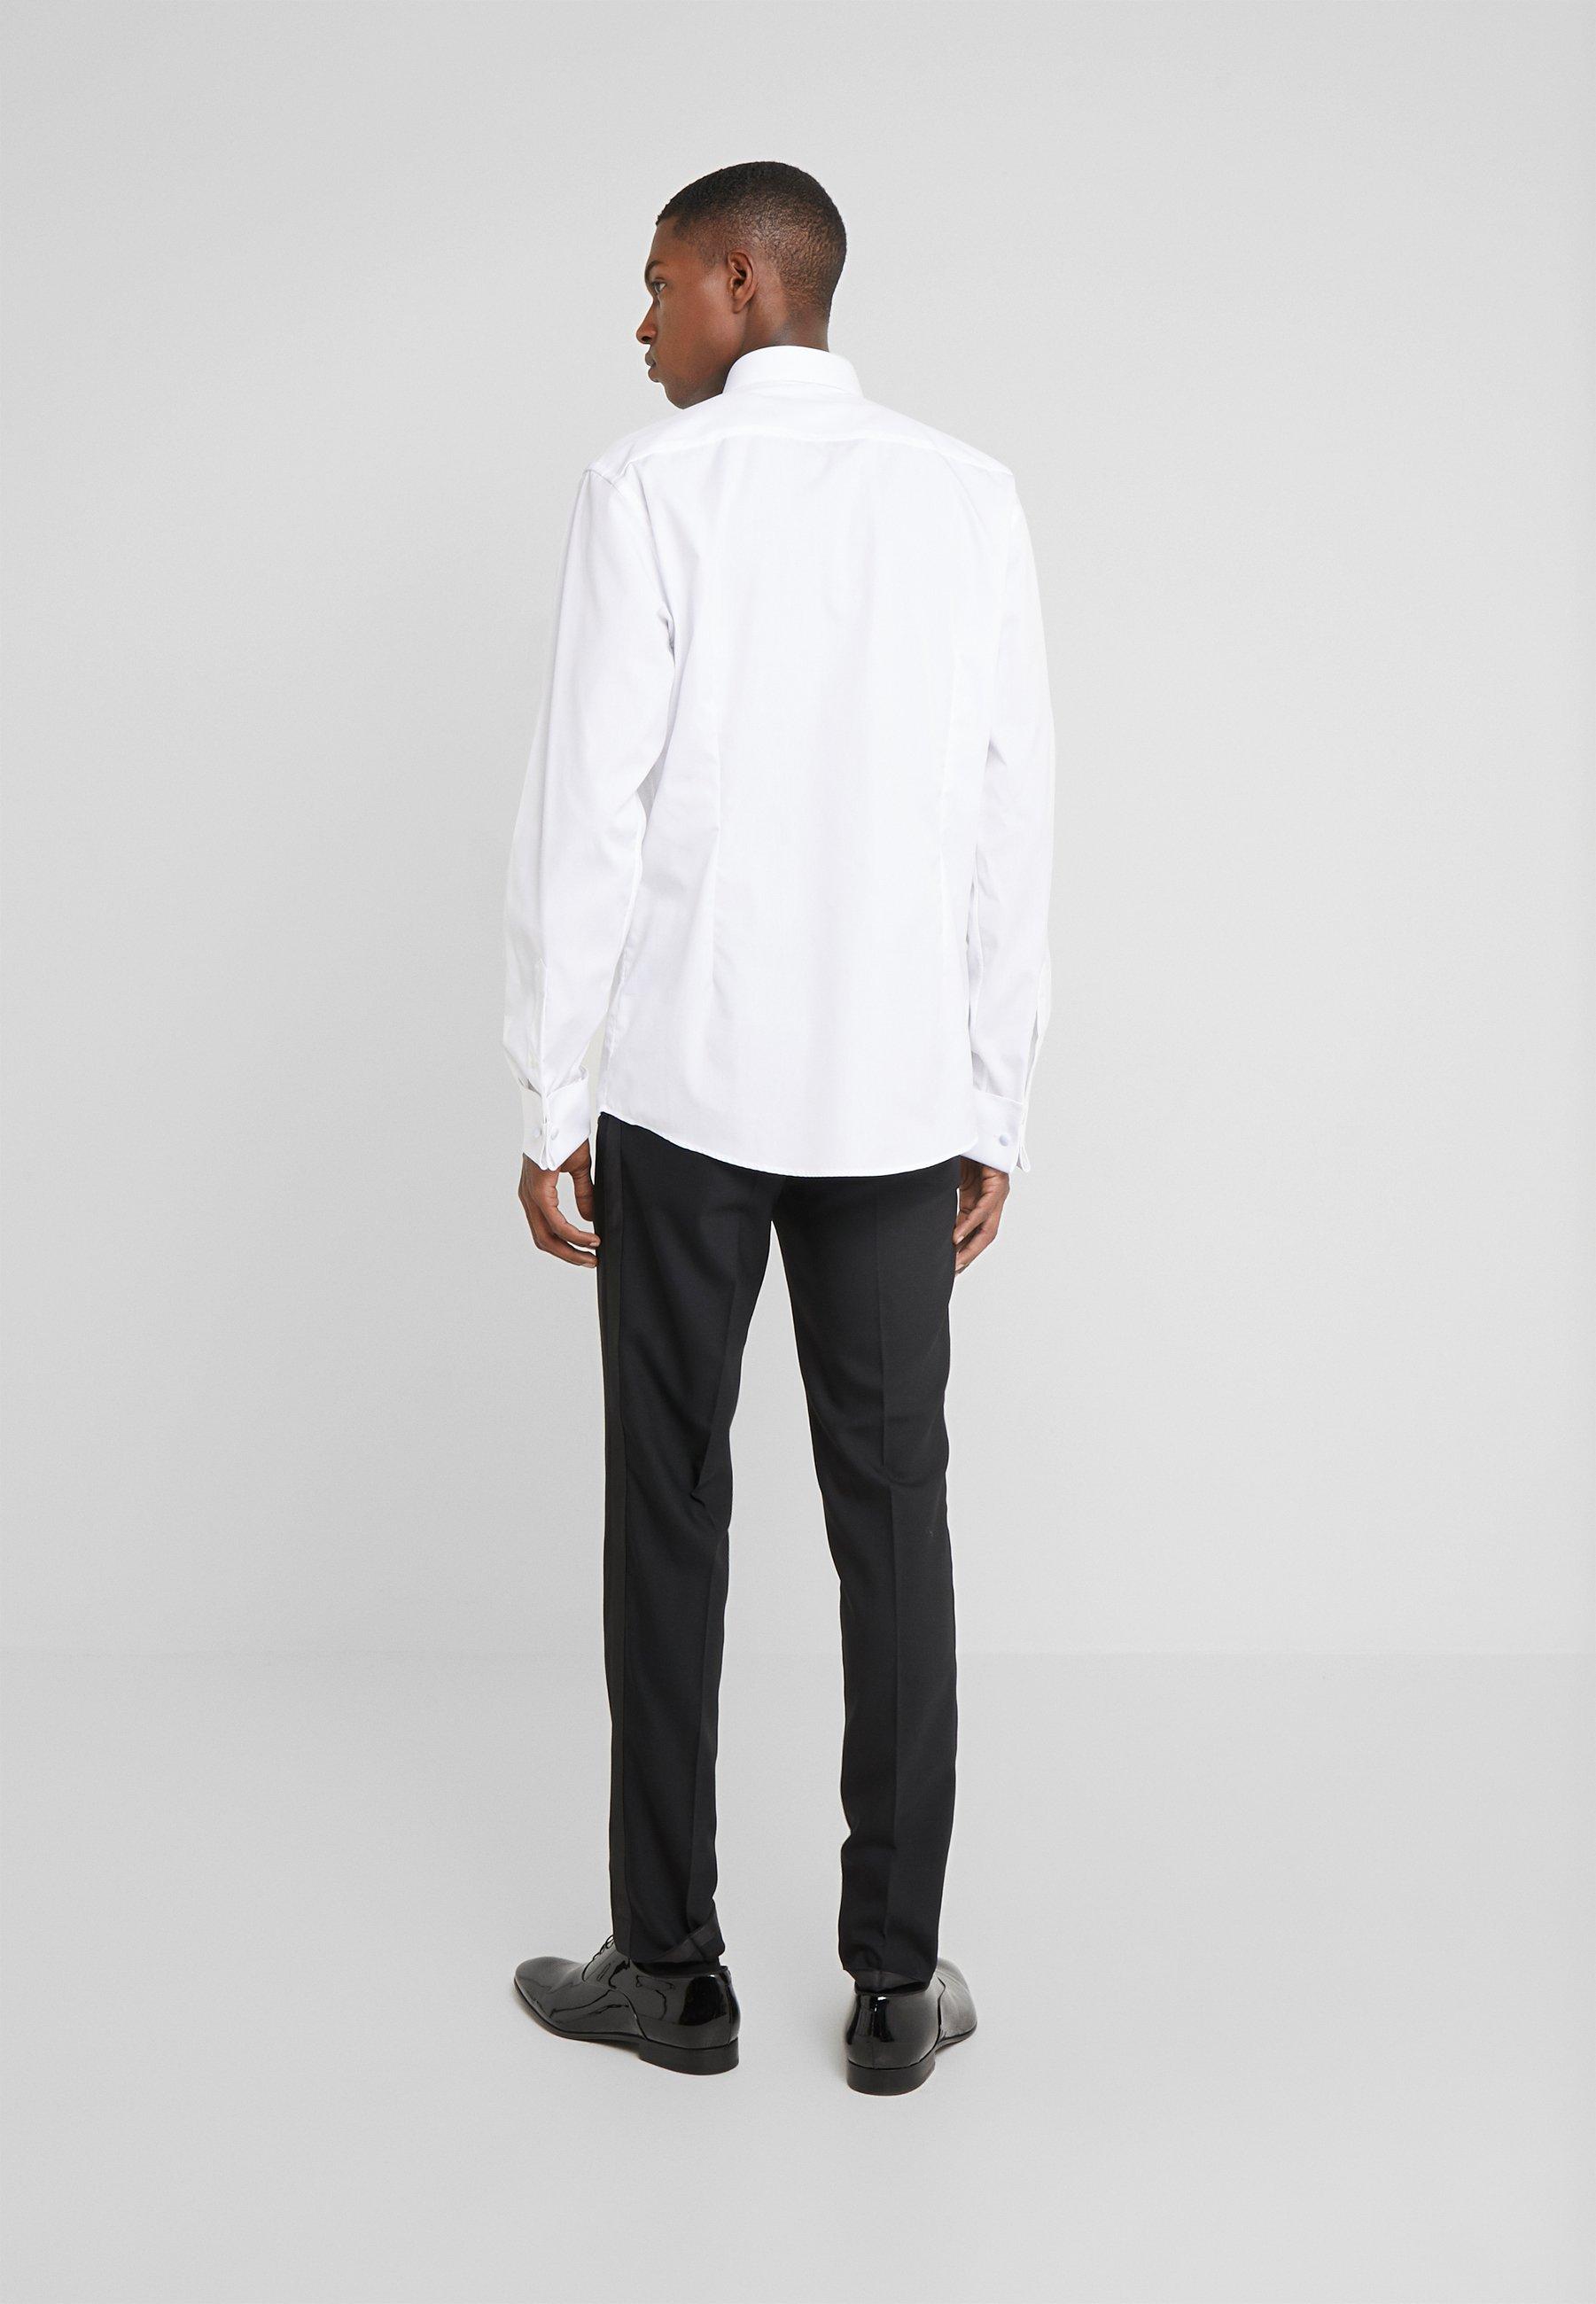 Yksinomainen Miesten vaatteet Sarja dfKJIUp97454sfGHYHD Eton SLIM FIT Kauluspaita white